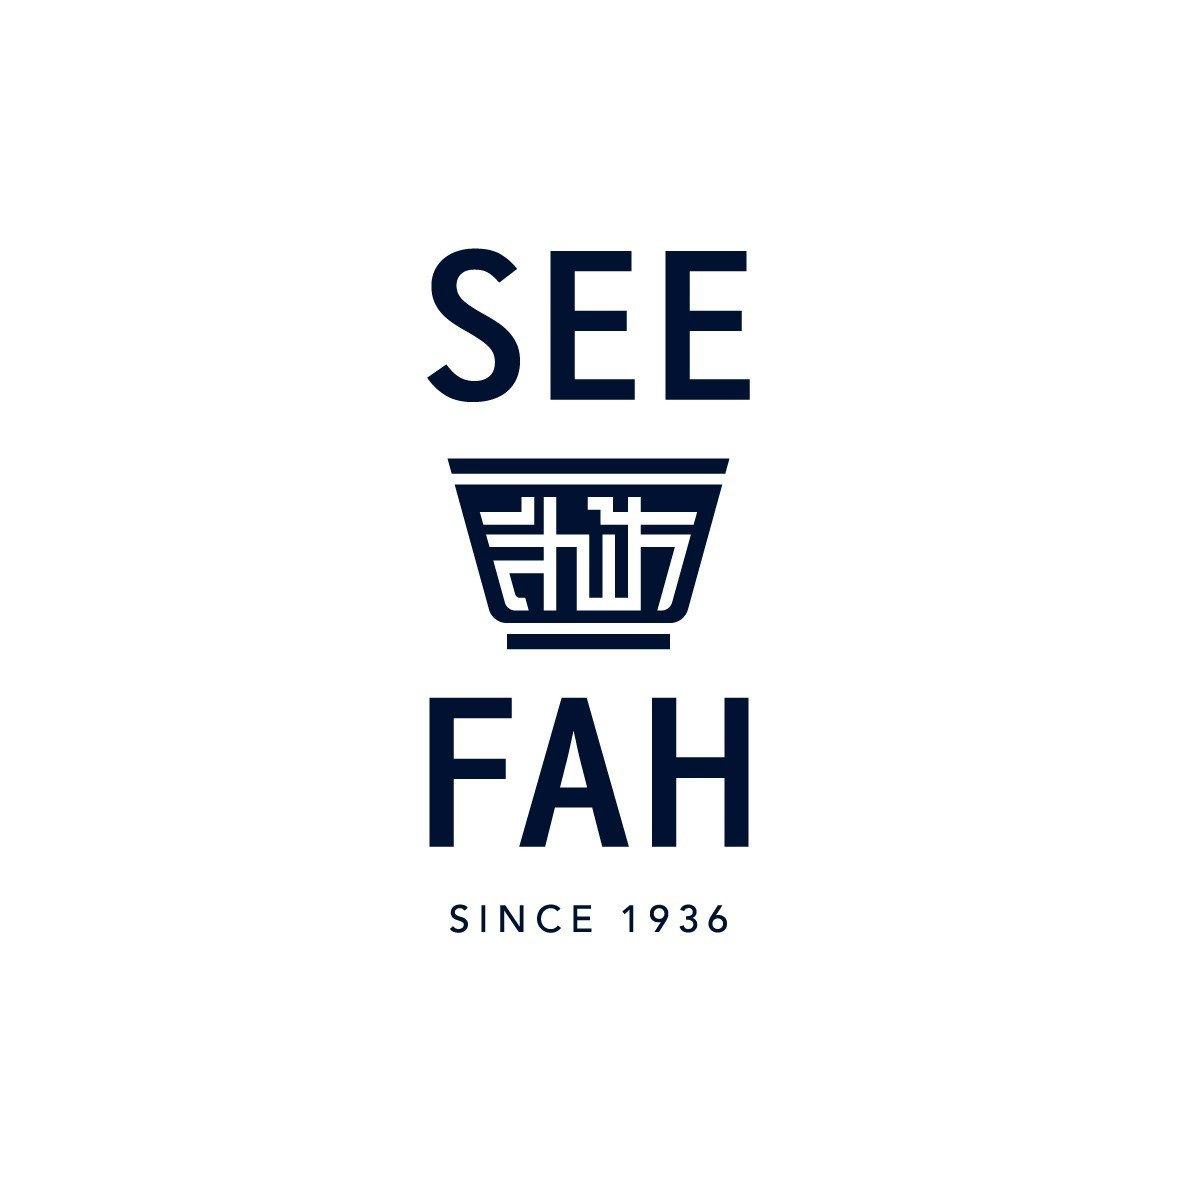 SEE FAH (สีฟ้า)